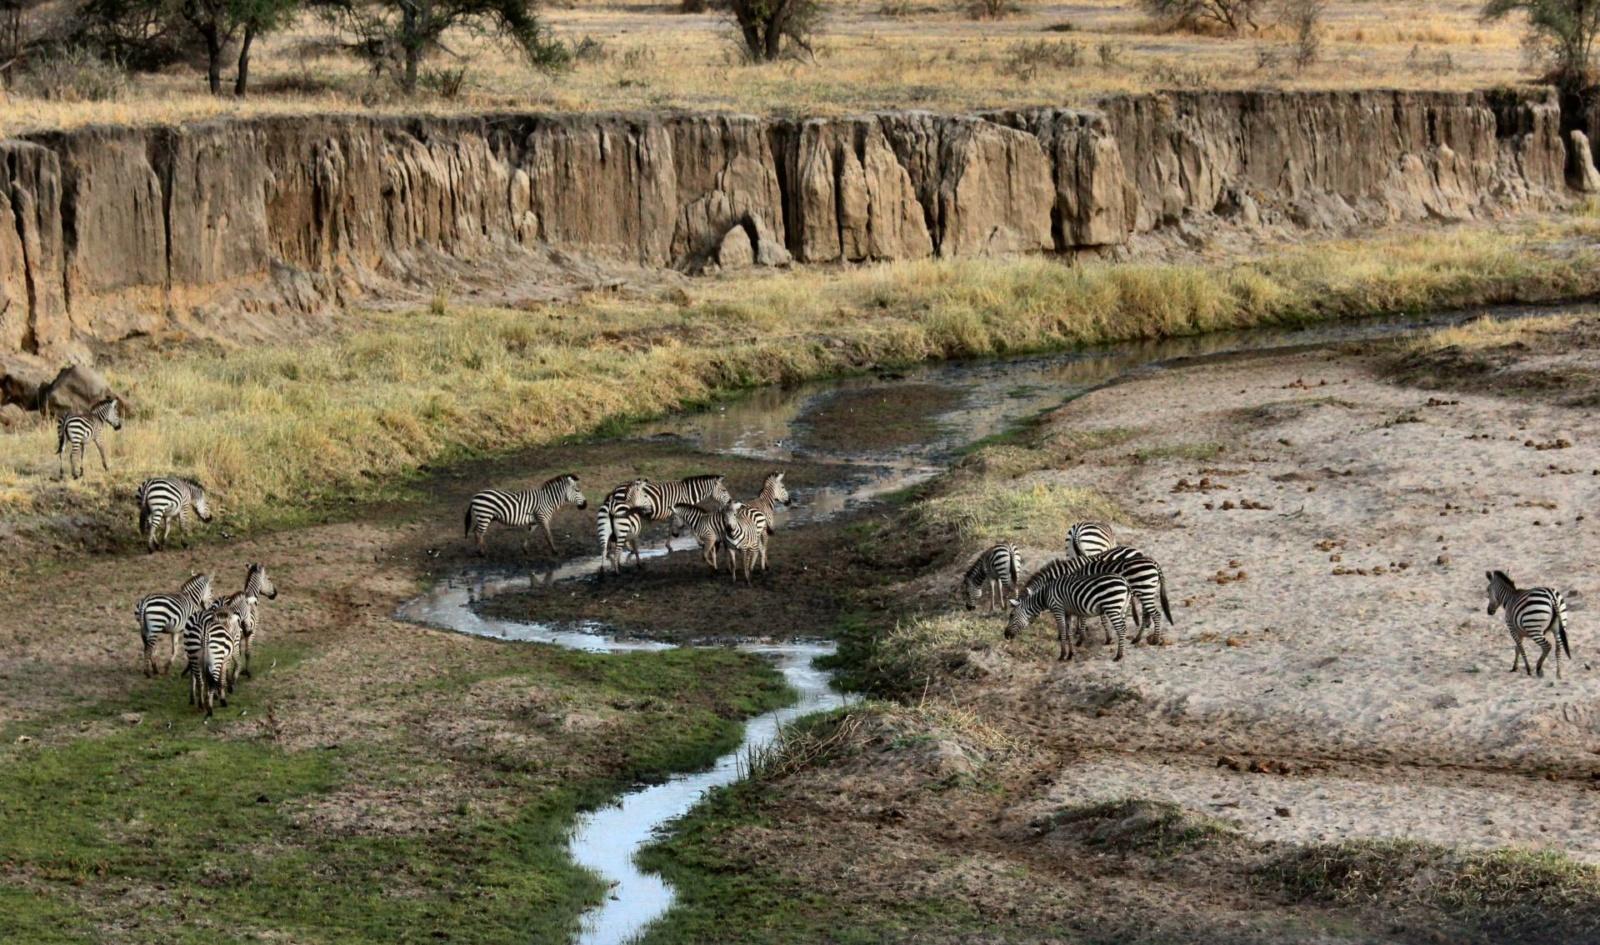 zebras-africa-safari